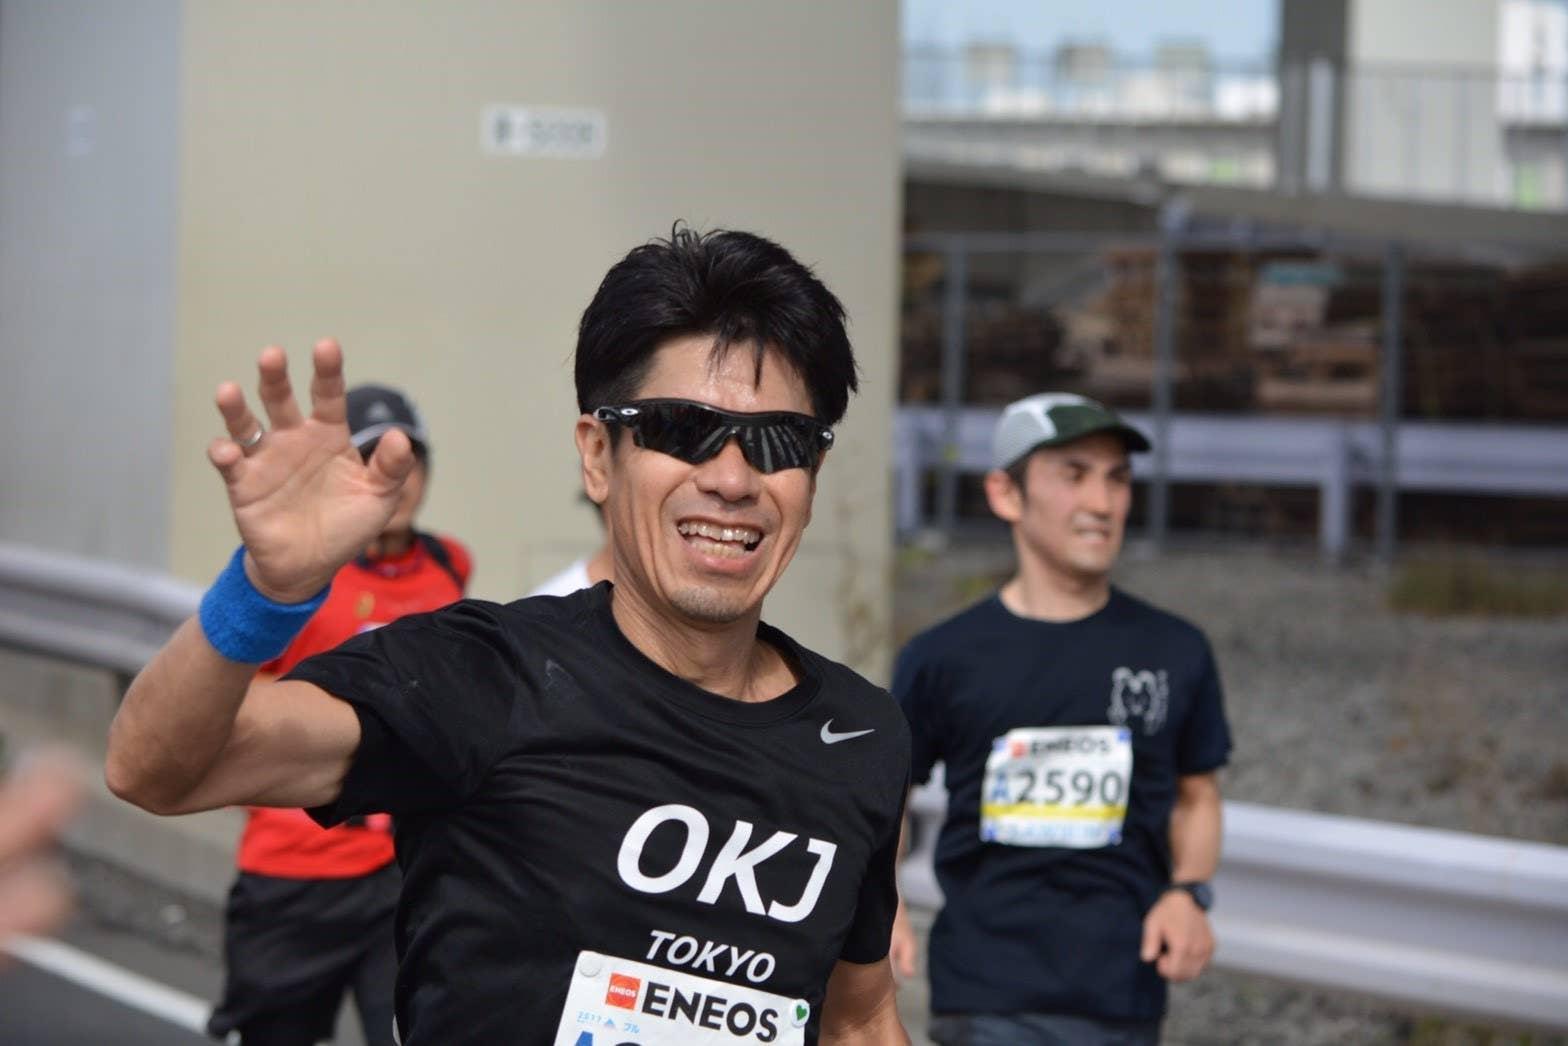 J.Takeuchi